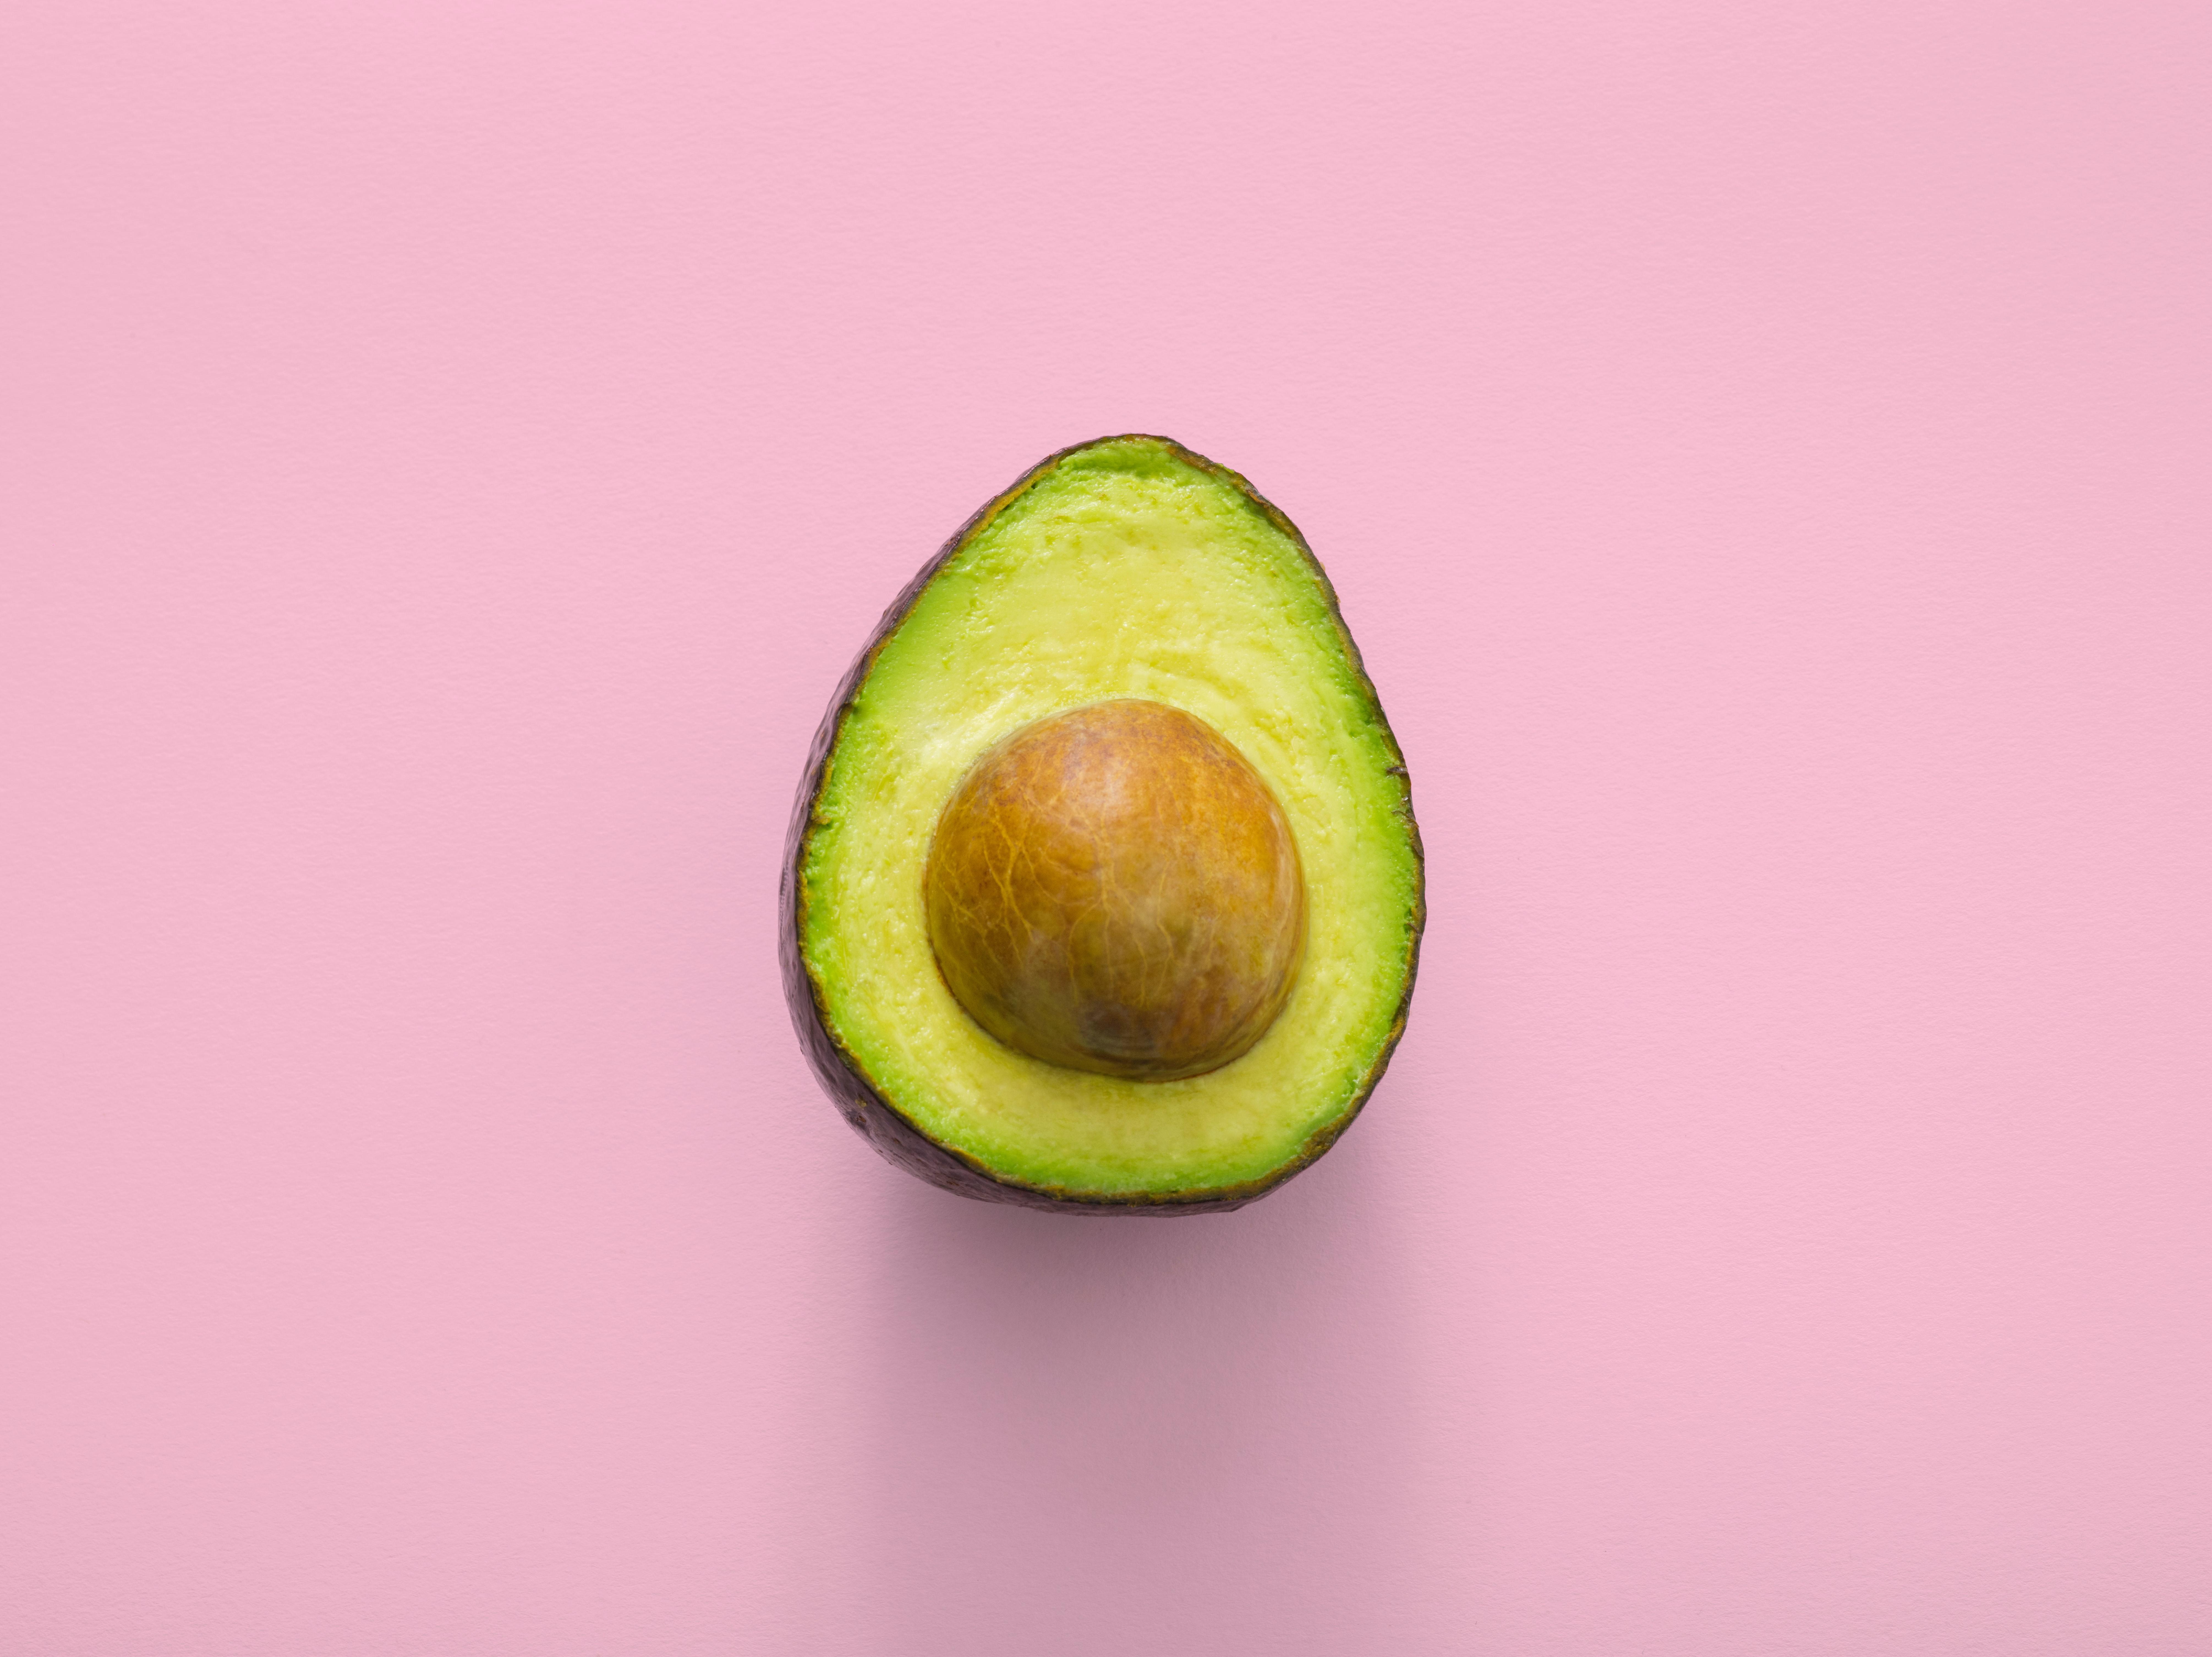 Lasertechniek bepaalt rijpheid avocado's